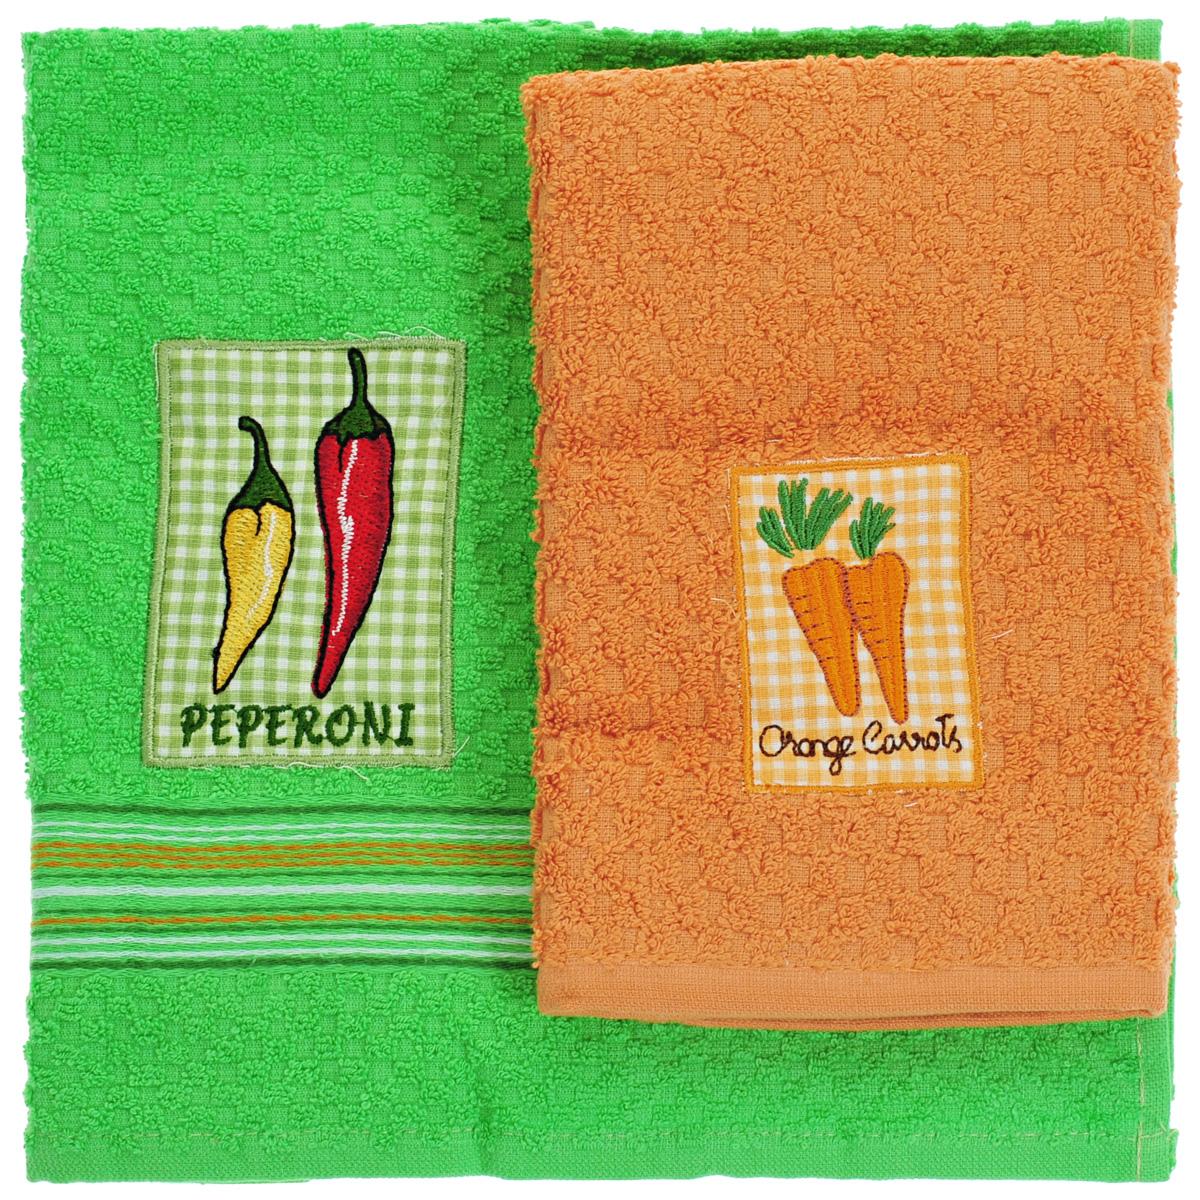 Набор махровых полотенец Bonita Перец. Морковь, 40 см х 60 см, 2 шт20100313373перец/морковьНабор полотенец Bonita Перец. Морковь, изготовленный из натурального хлопка, идеально дополнит интерьер вашей кухни и создаст атмосферу уюта и комфорта. В набор входят два махровых полотенца. Полотенца оформлены вышивкой в виде перца и морковки. Изделия выполнены из натурального материала, поэтому являются экологически чистыми. Высочайшее качество материала гарантирует безопасность не только взрослых, но и самых маленьких членов семьи. Современный декоративный текстиль для дома должен быть экологически чистым продуктом и отличаться ярким и современным дизайном. Кухня, столовая, гостиная - то место в доме, где хочется собраться всем вместе, ощутить радость и уют. И немалая доля этого уюта зависит от подобранных под вашу мебель, и что уж говорить, под ваше настроение - полотенец, скатертей, салфеток и прочих милых мелочей. Bonita предлагает коллекции готовых стилистических решений для различной кухонной мебели, множество видов, рисунков и цветов....